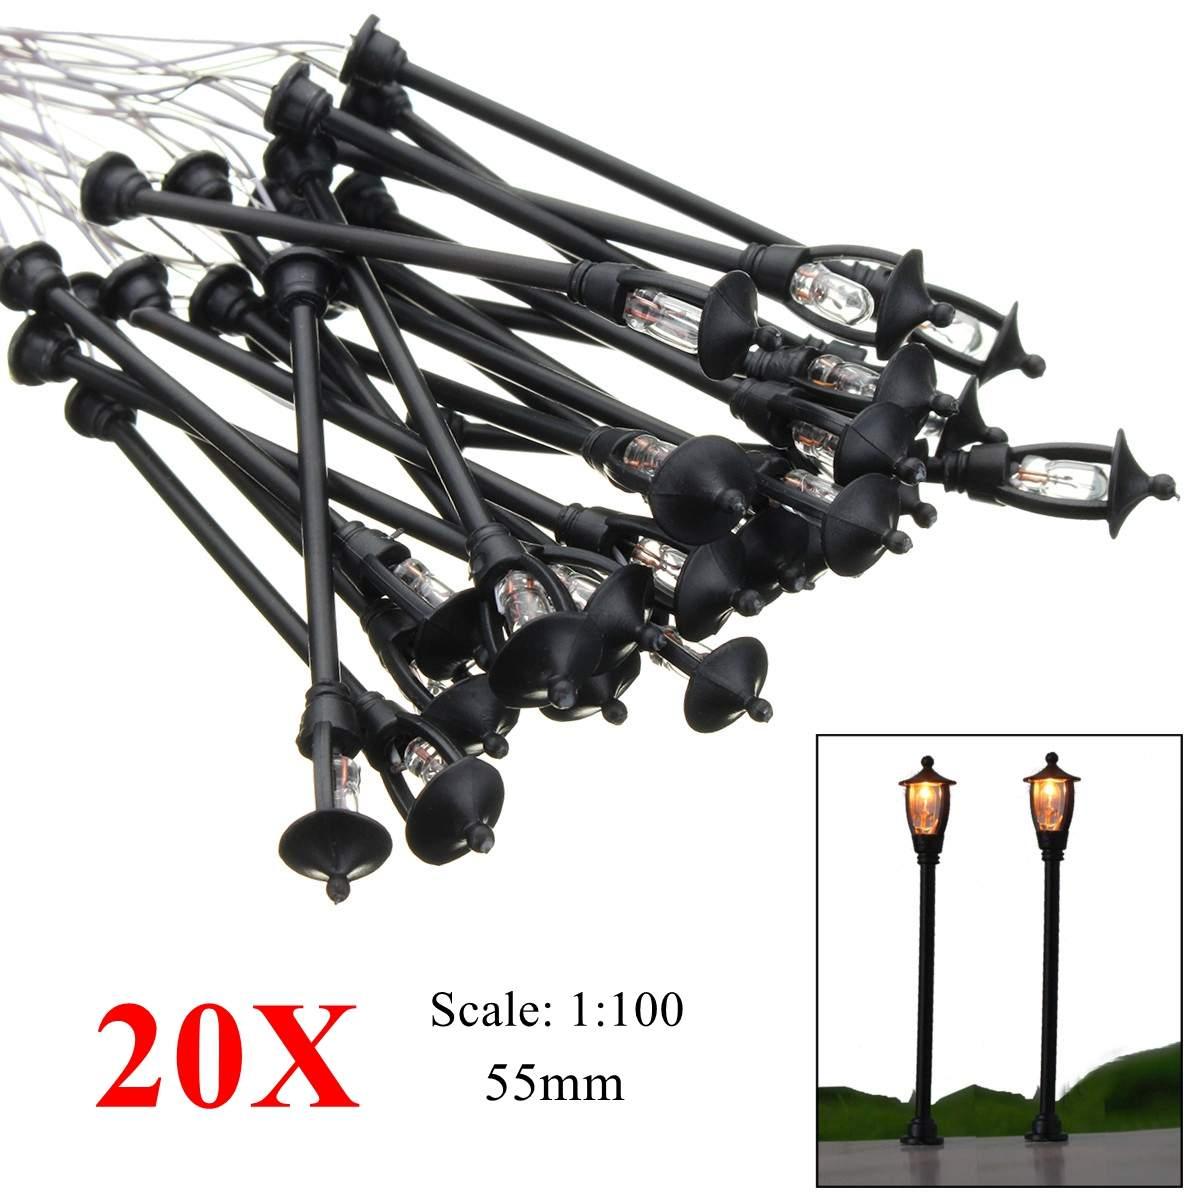 20pcs Model Garden Lamps HO Scale 1:100 Black Model Layout Single Head Garden Lights Lamppost Landscape Light Model